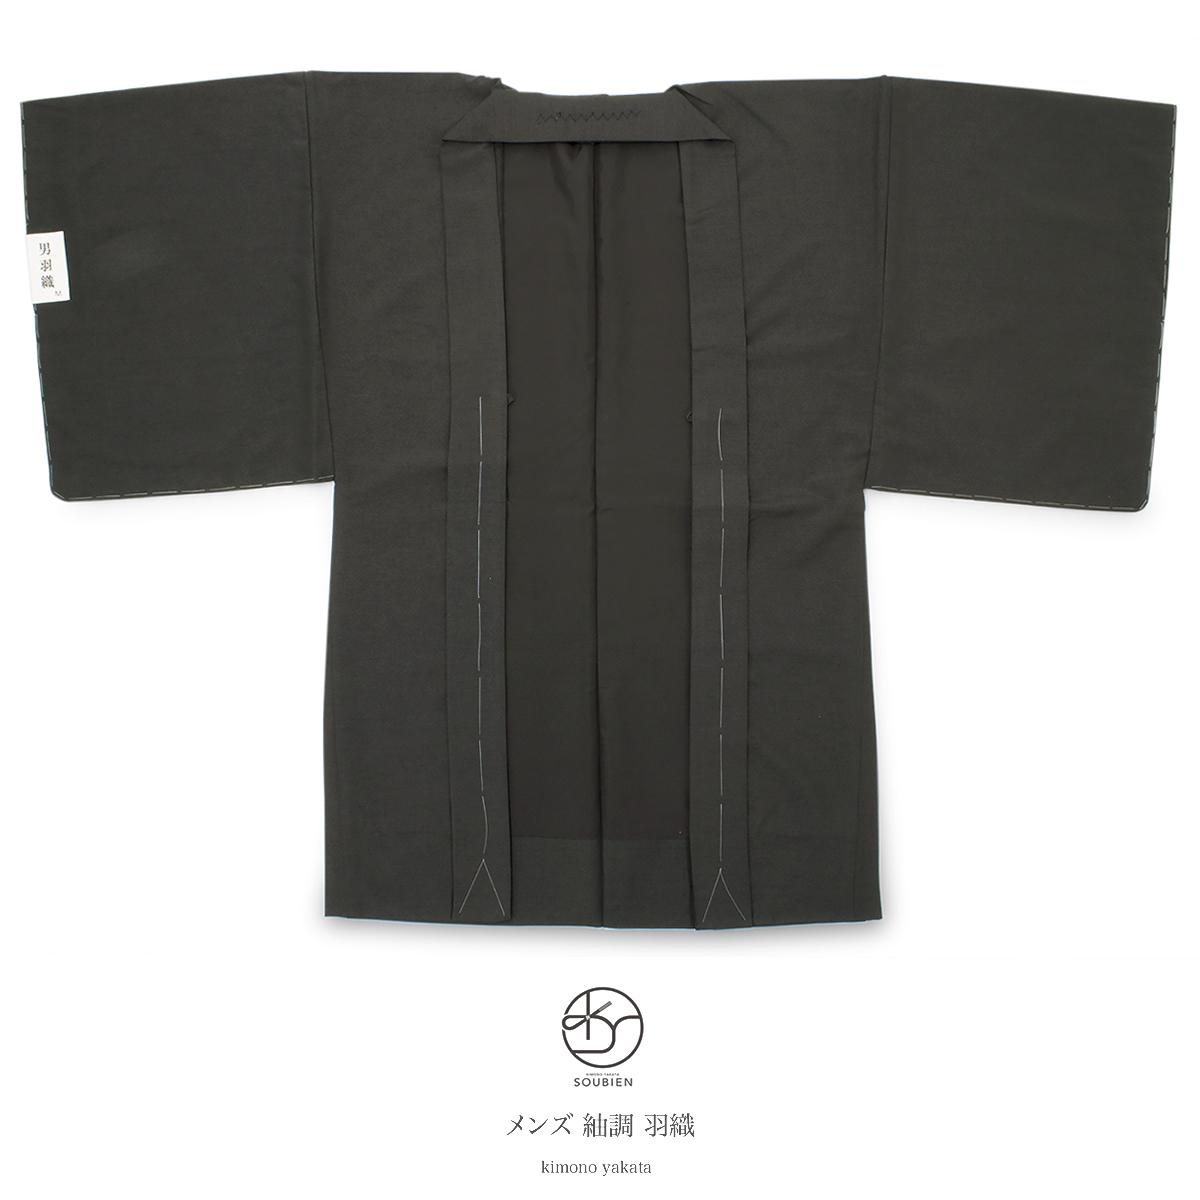 メンズ羽織 灰色 グレー 無地 シンプル 紬調 カジュアル はおり 男性用 仕立て上がり【Mサイズ】【あす楽対応】【送料無料】